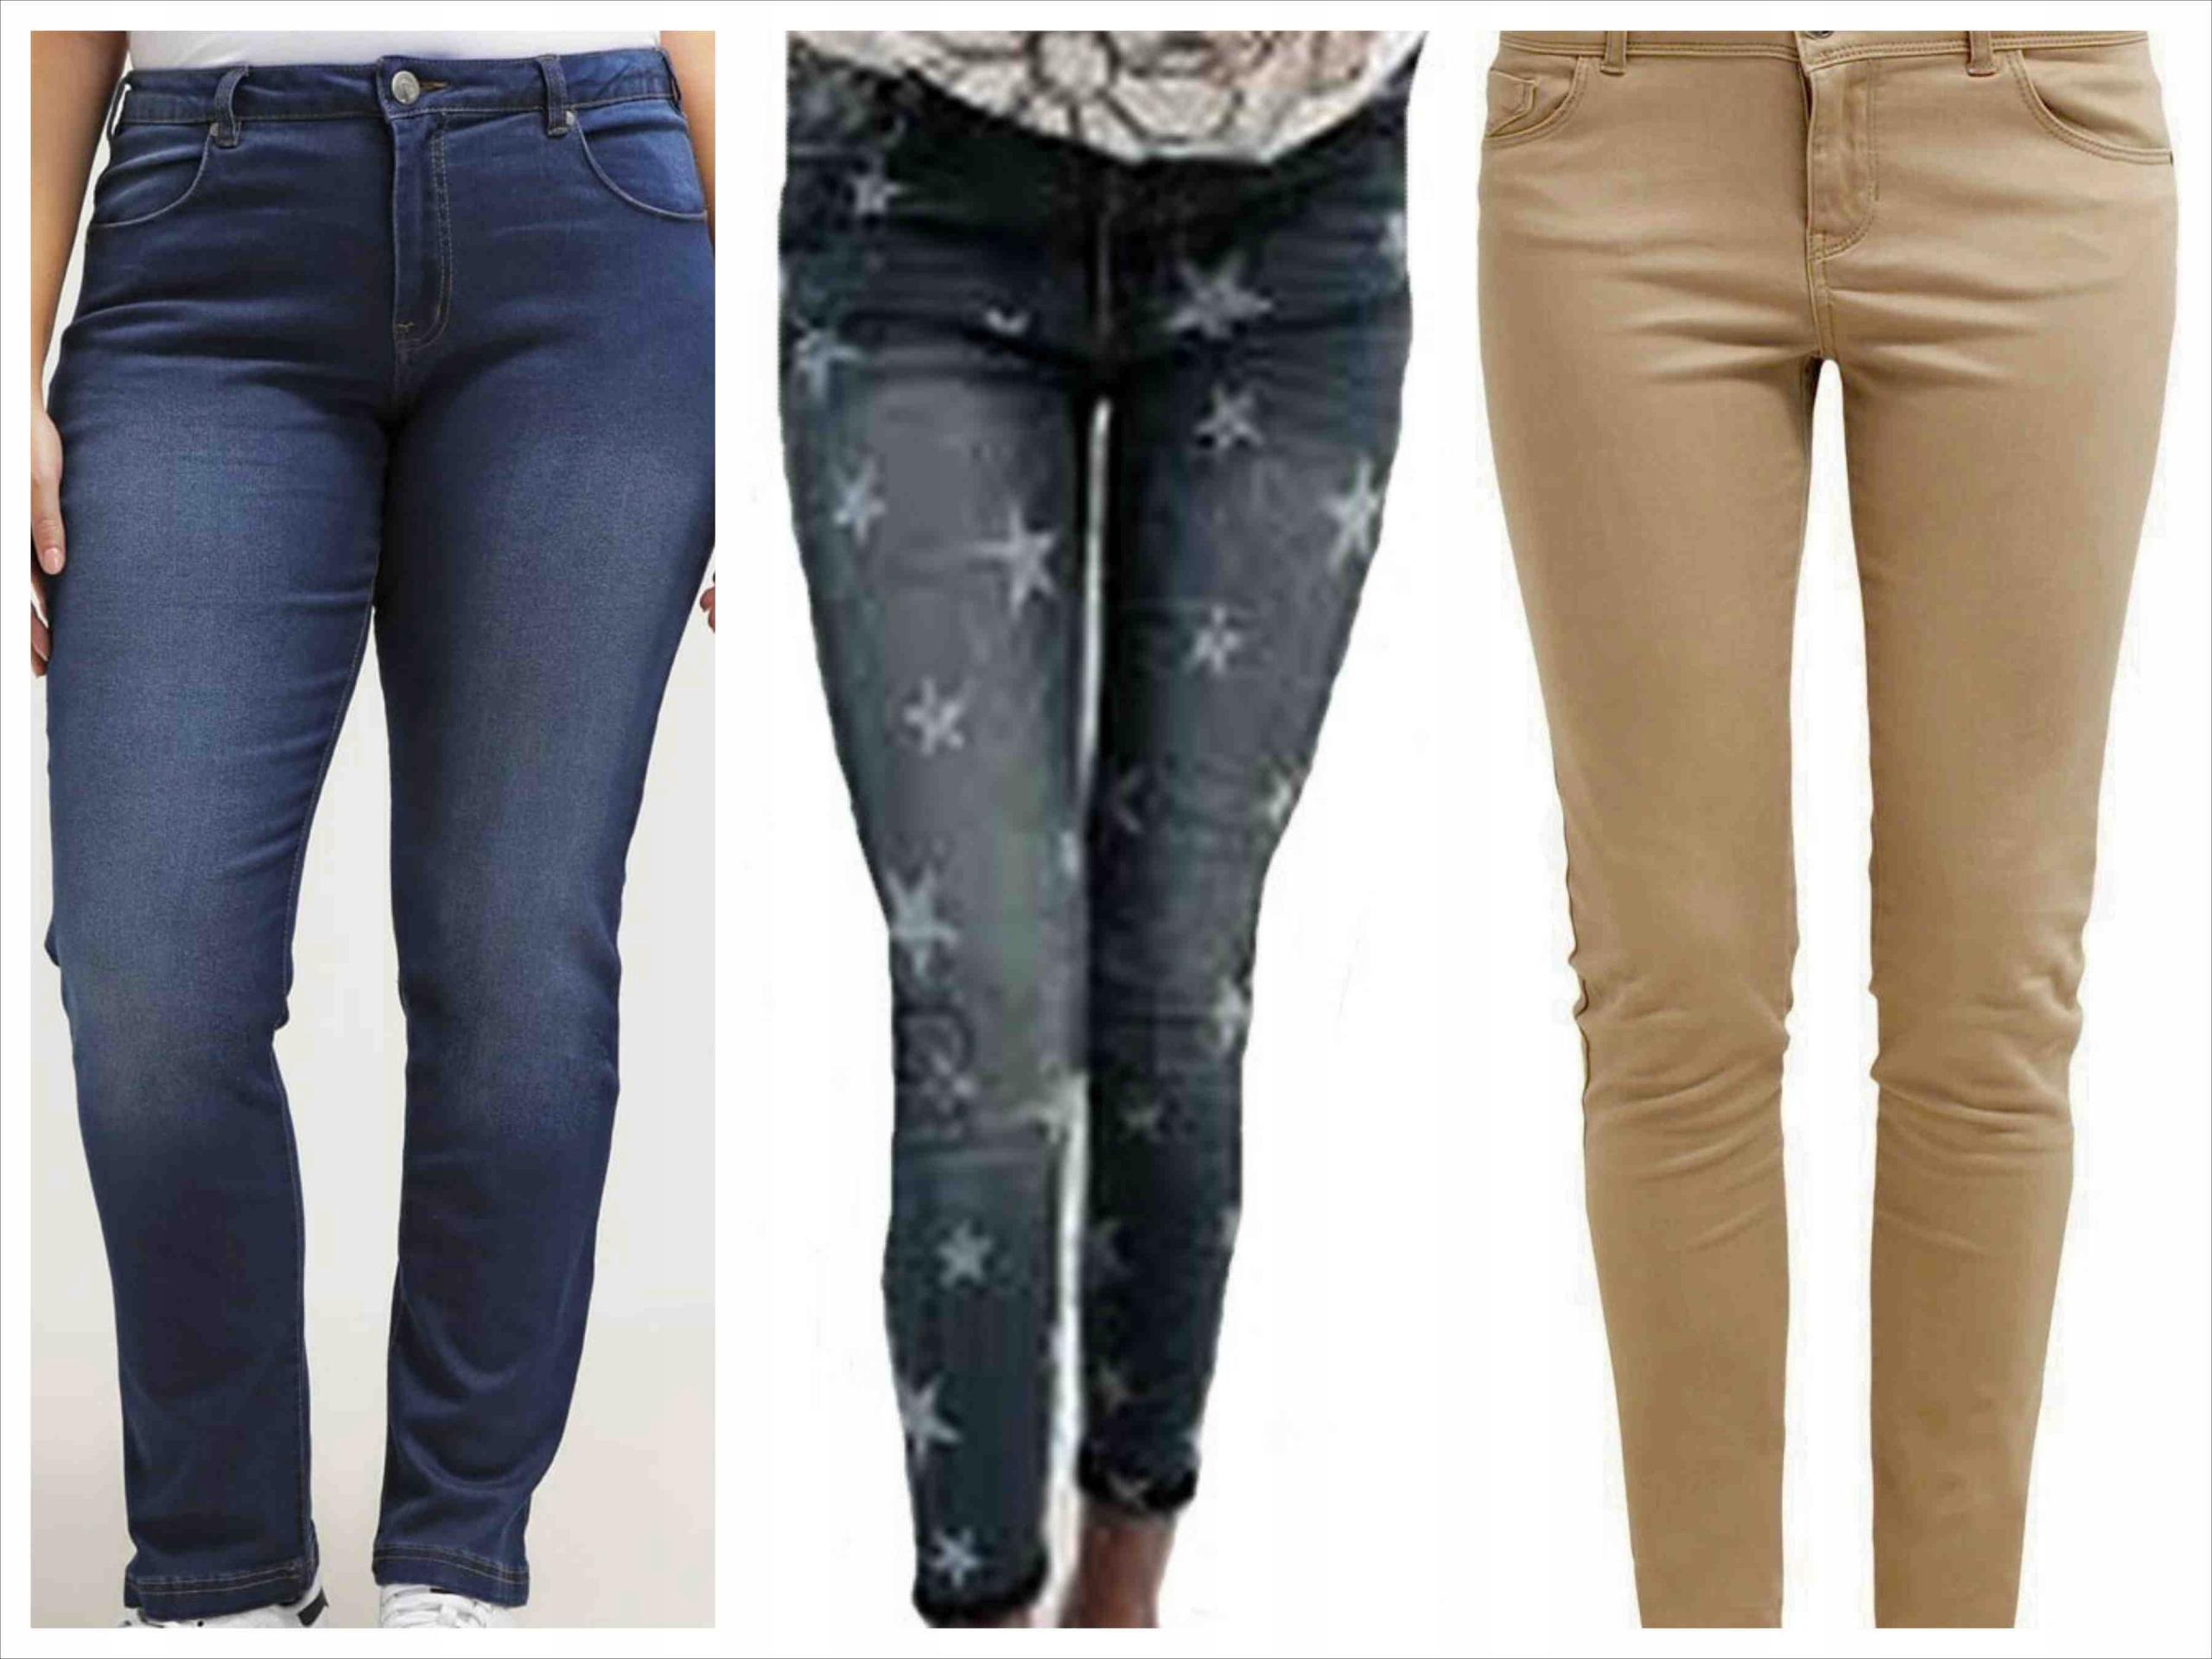 Zestaw 3 pary jeansów r.46, wysoki stan